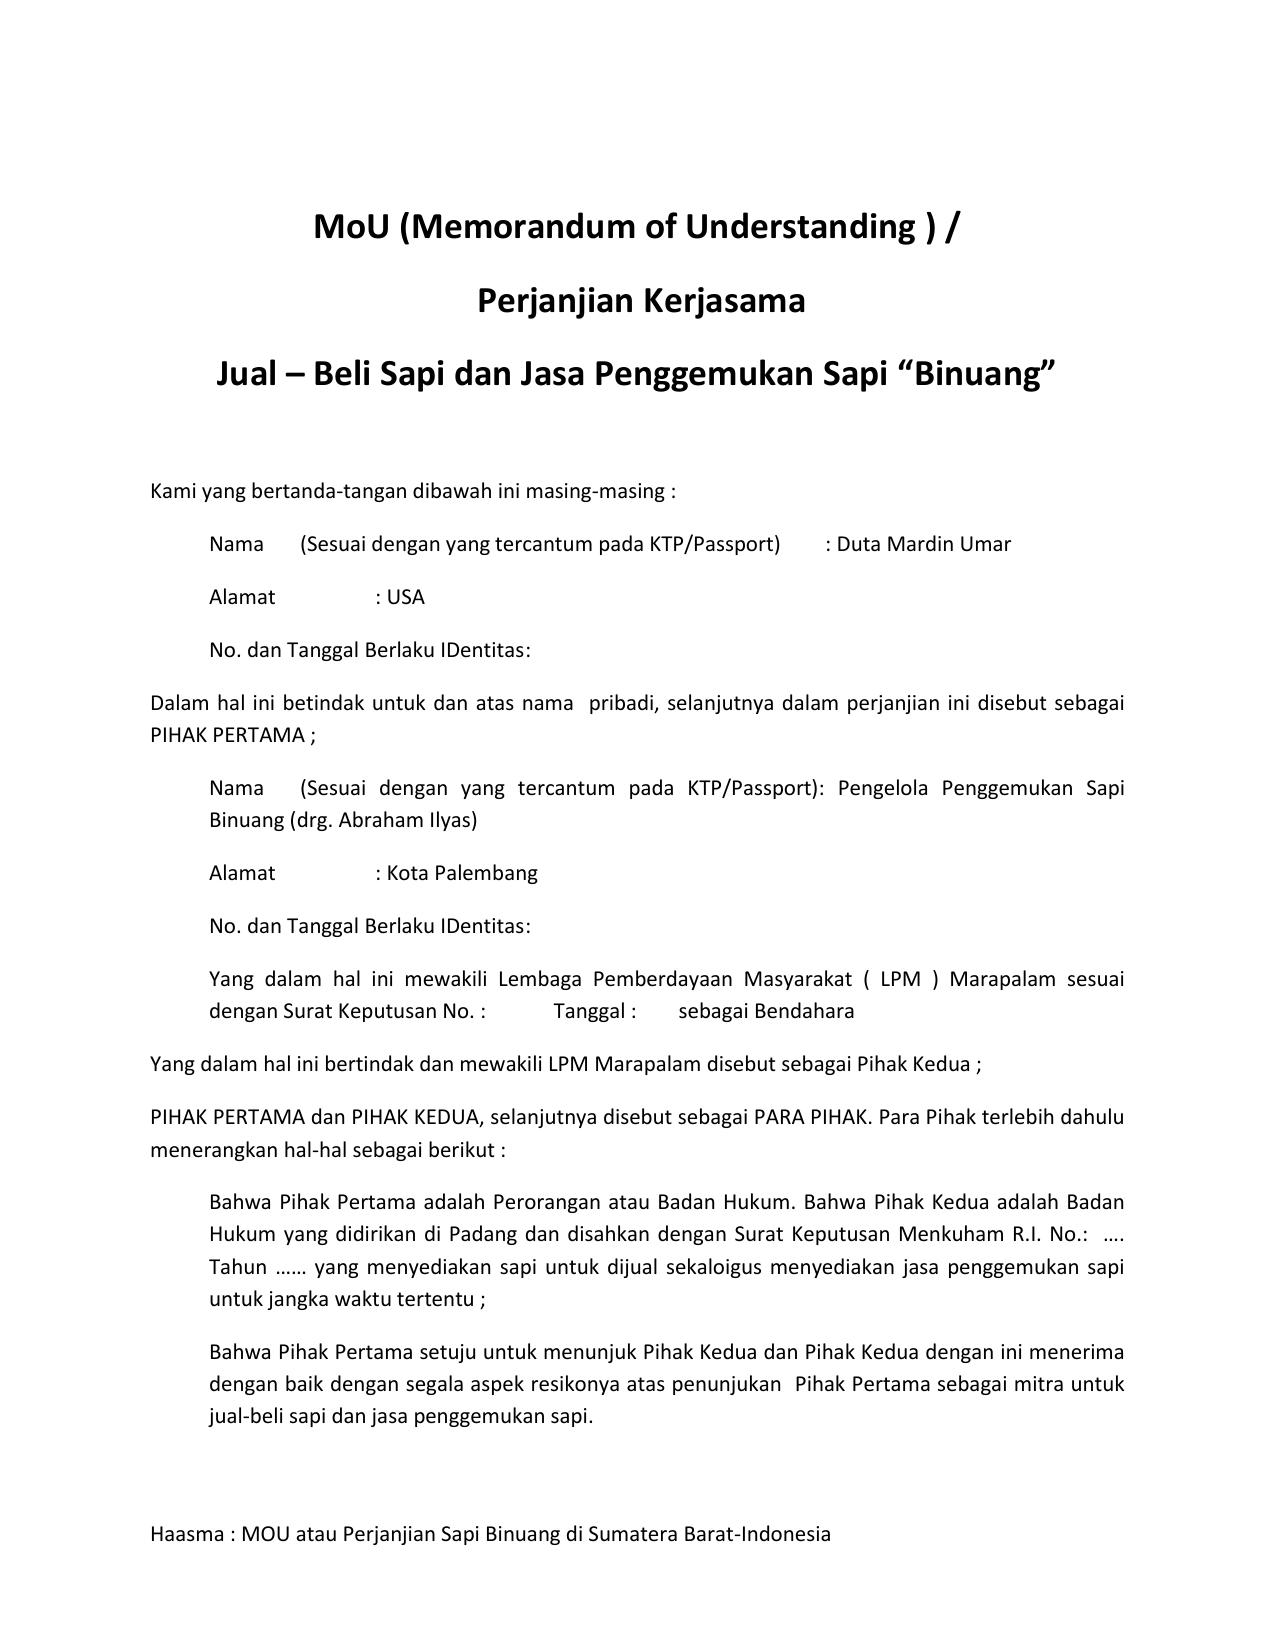 Perjanjian Kerjasama Jual Beli Sapi Dan Jasa